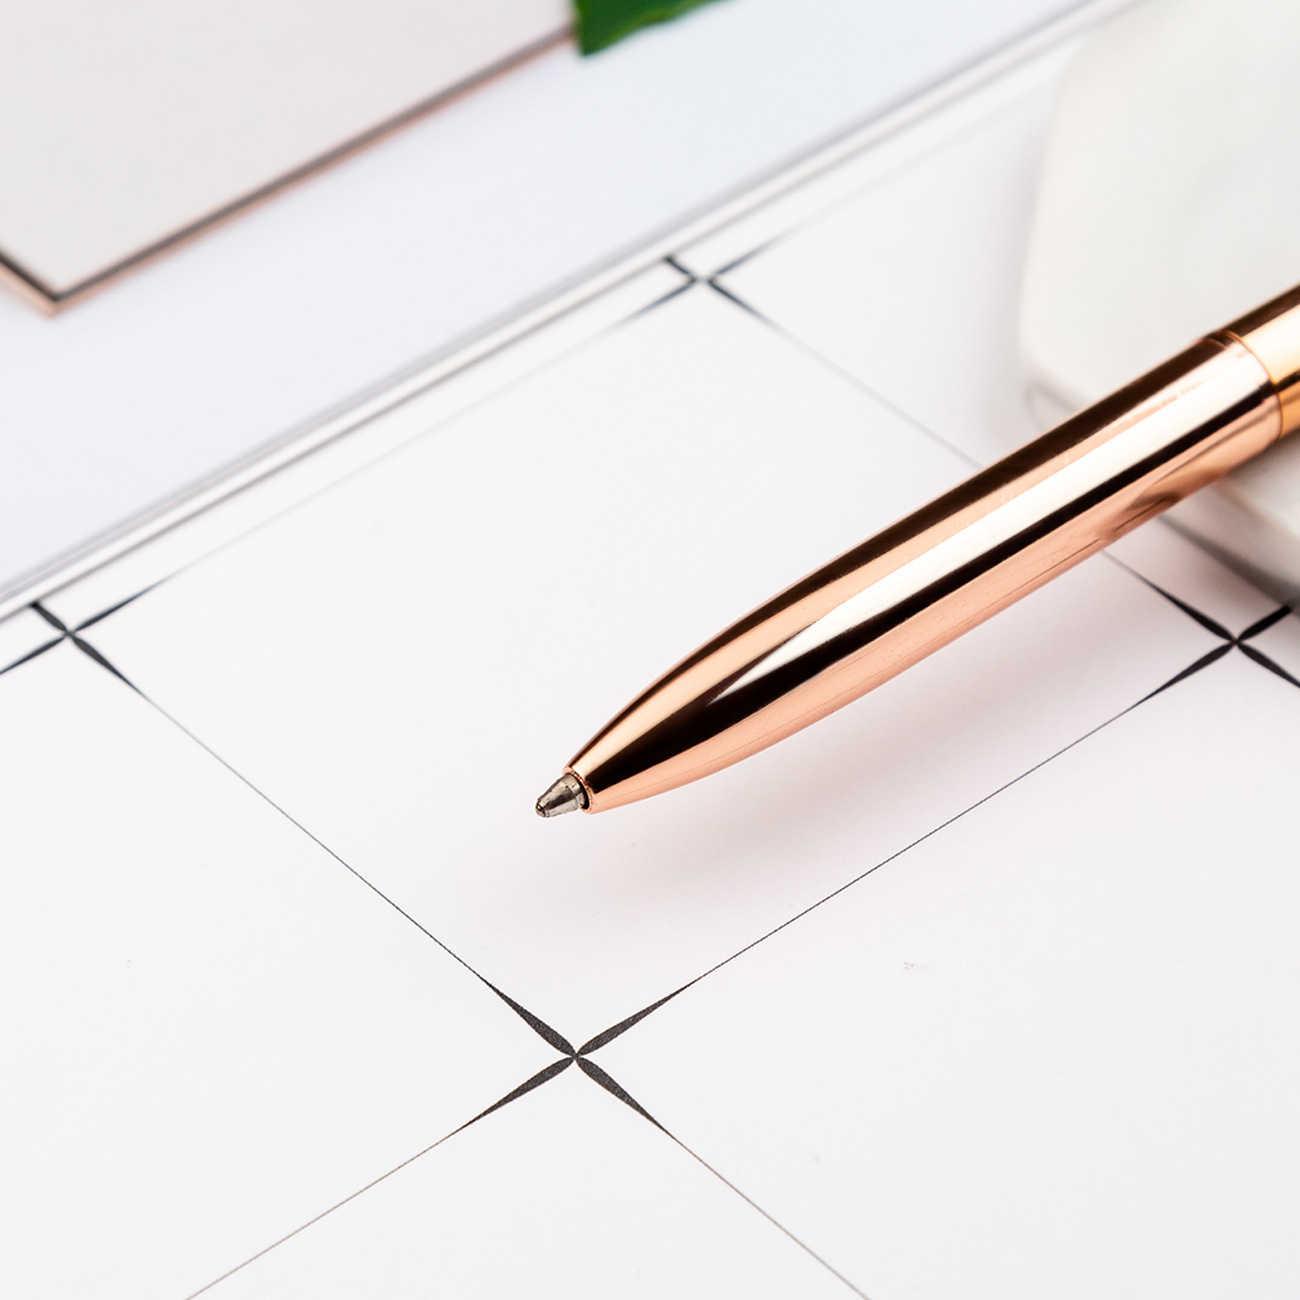 1 szt. Szklany motyl szkolny długopis 1 mm punkt kulkowy długopis metalowy zapasowy czarny długopis dla ucznia różowe złoto biurowe